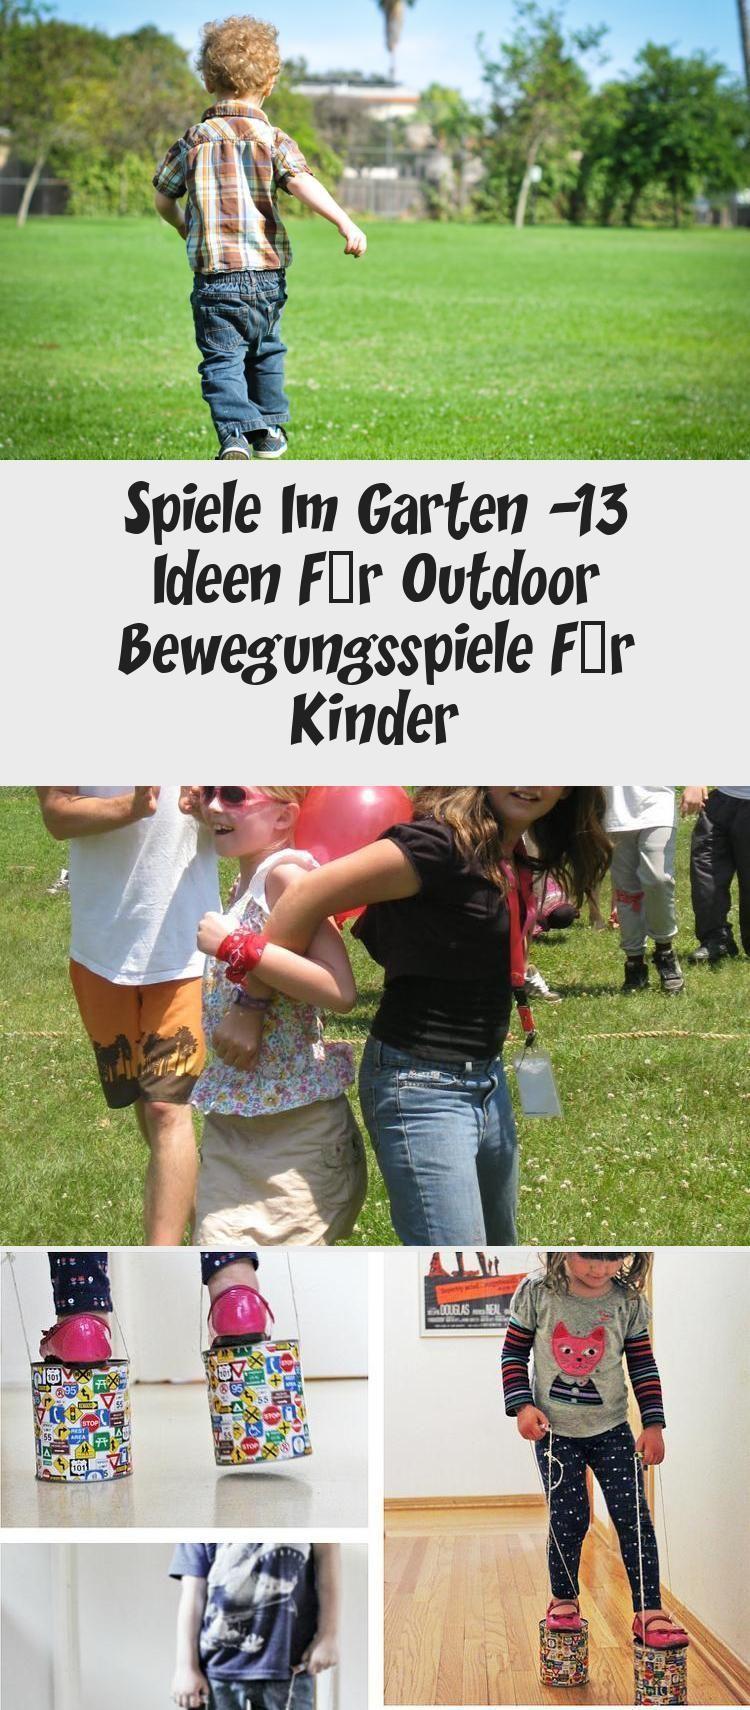 Spiele Im Garten 13 Ideen Fur Outdoor Ubungsspiele Fur Kinder Sandbox In 2020 Spiele Im Garten